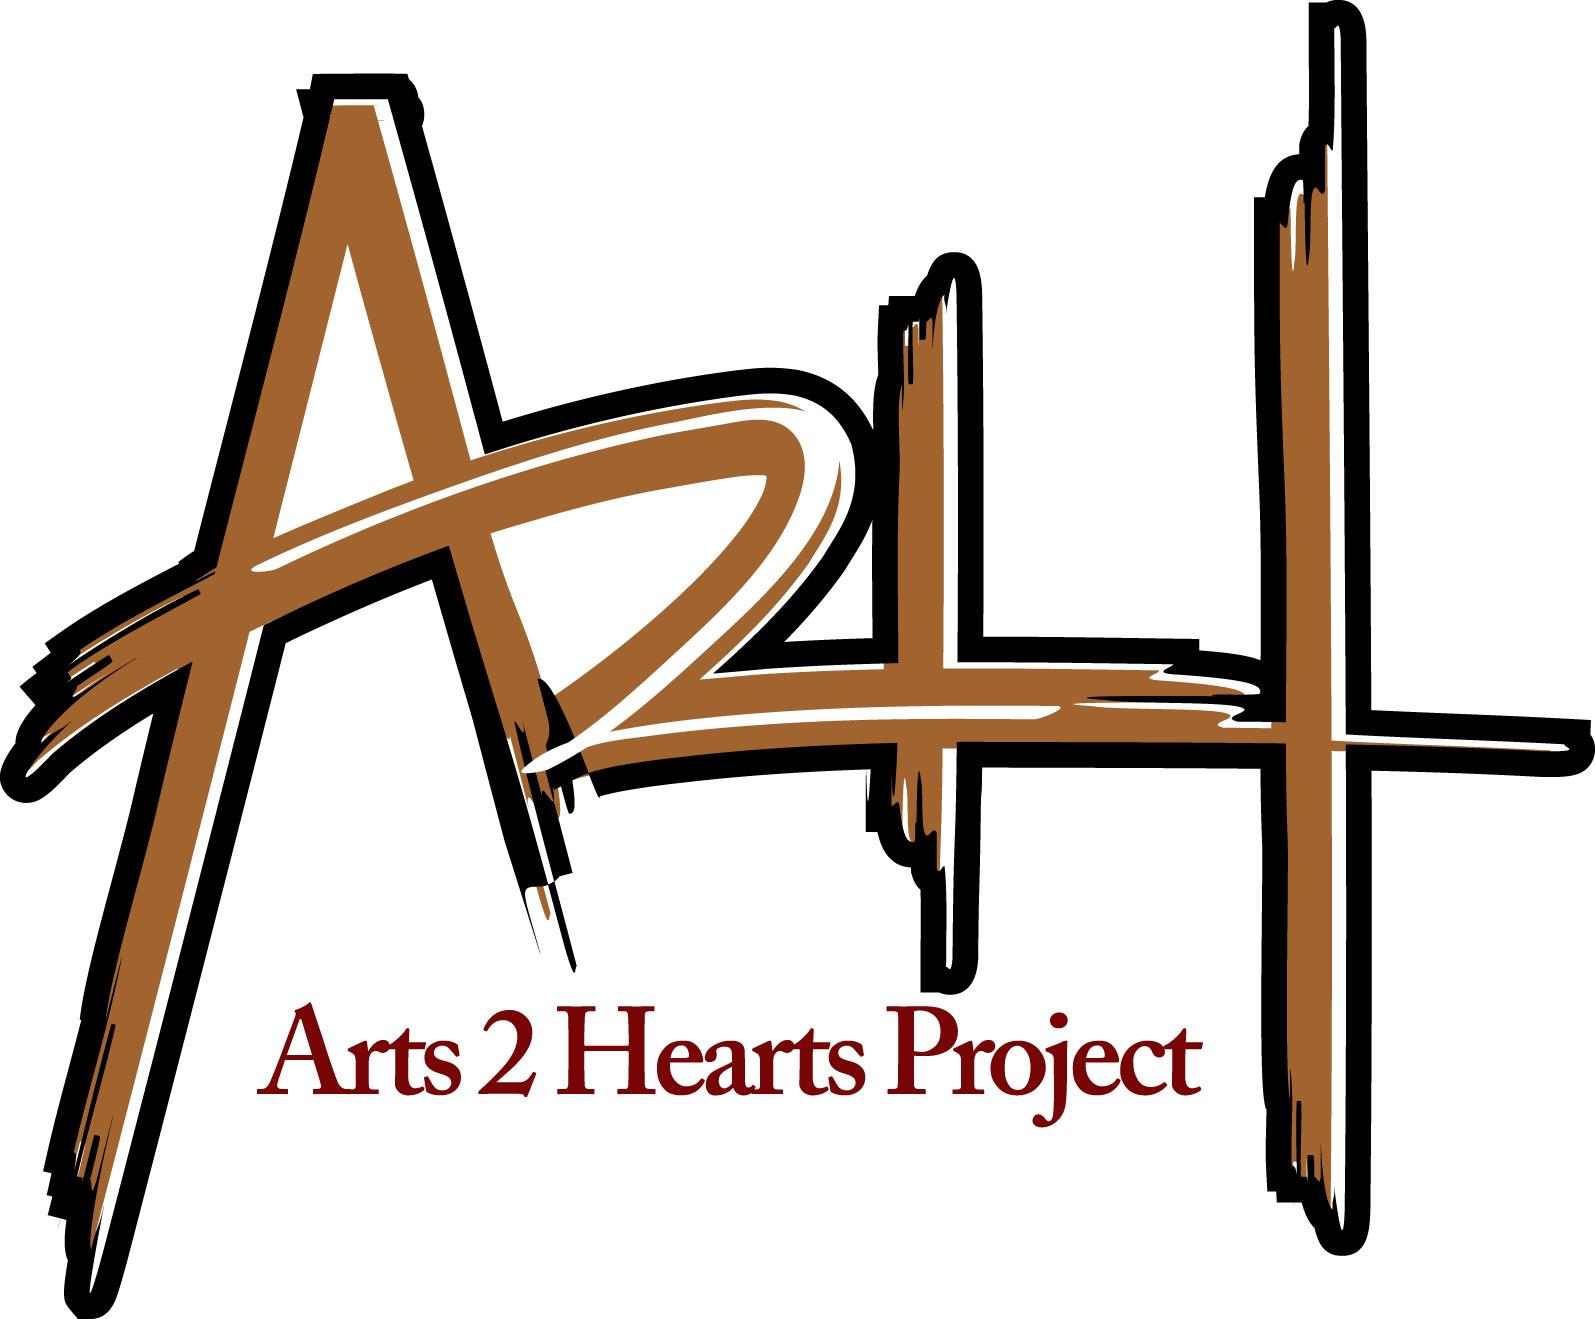 arts 2 hearts